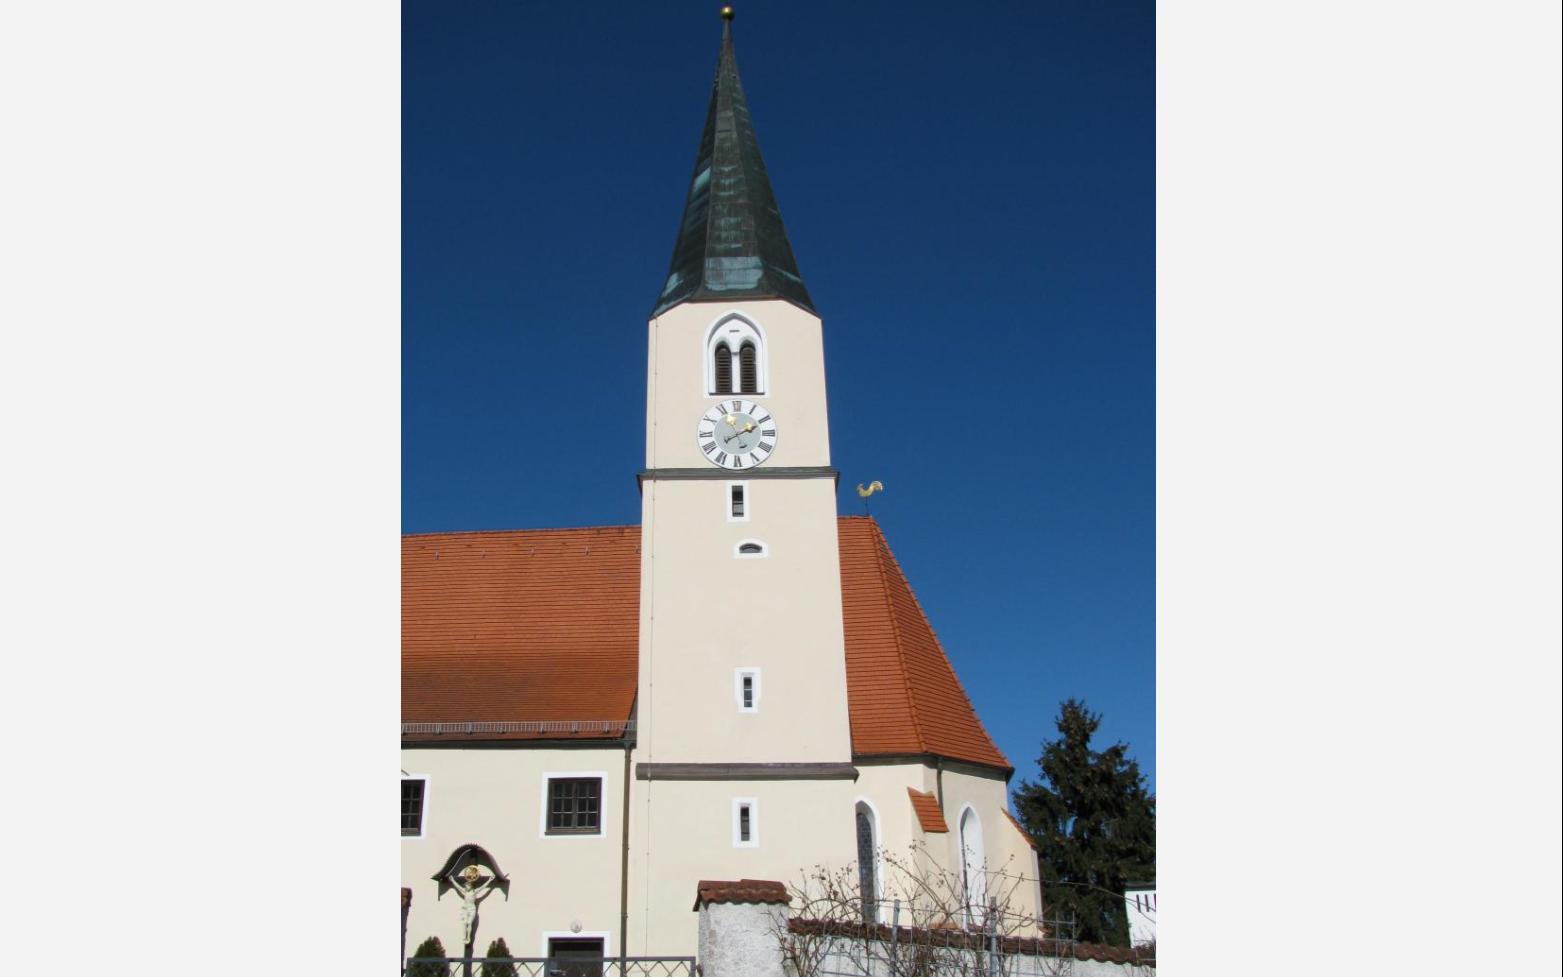 Eggstetten Kirche aussen entryimage